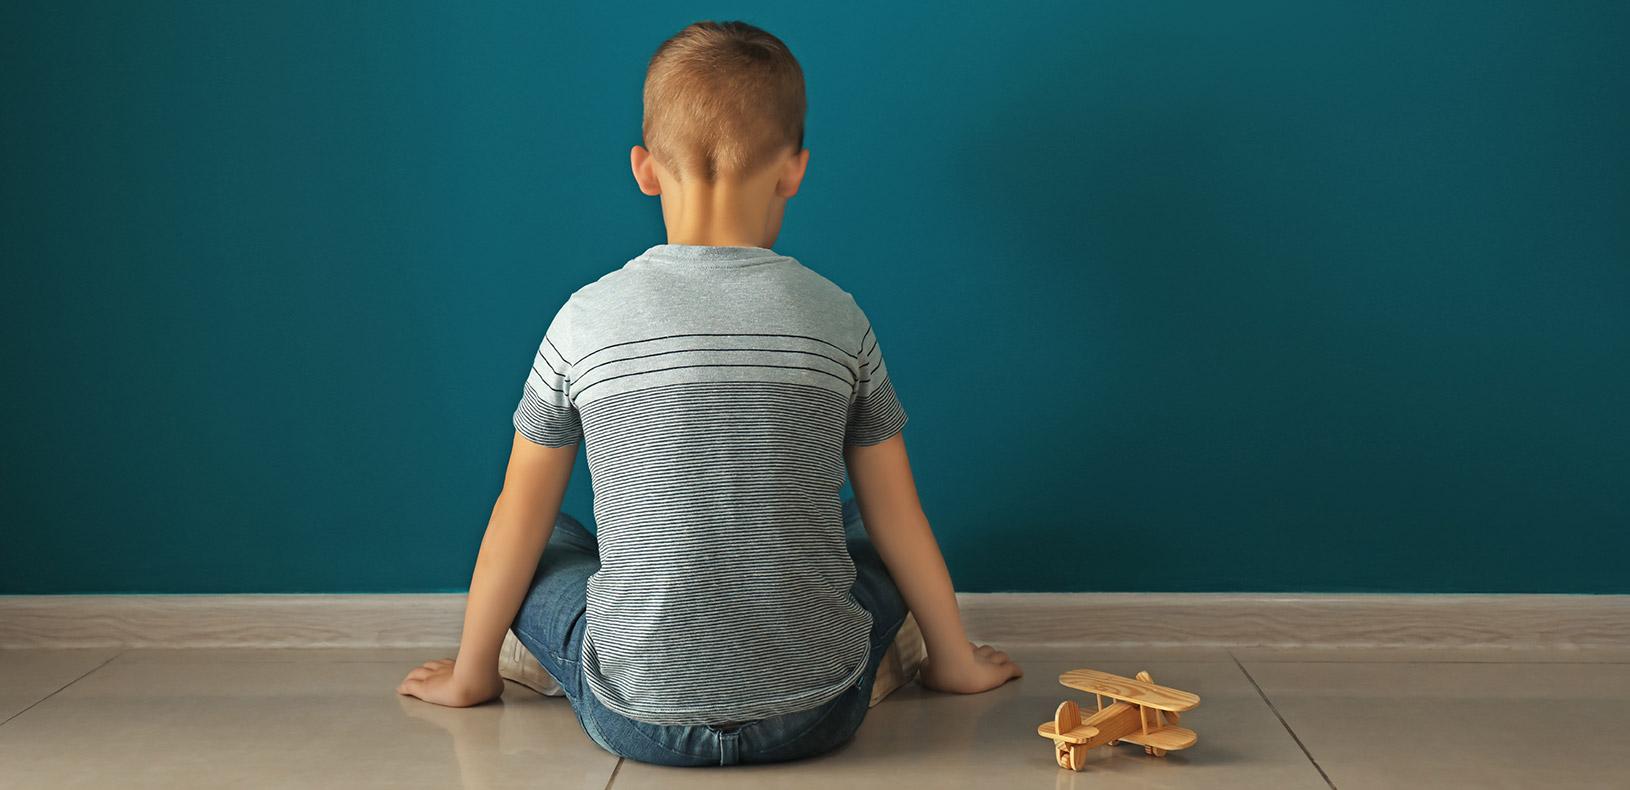 התפתחות-חברתית-ילדים